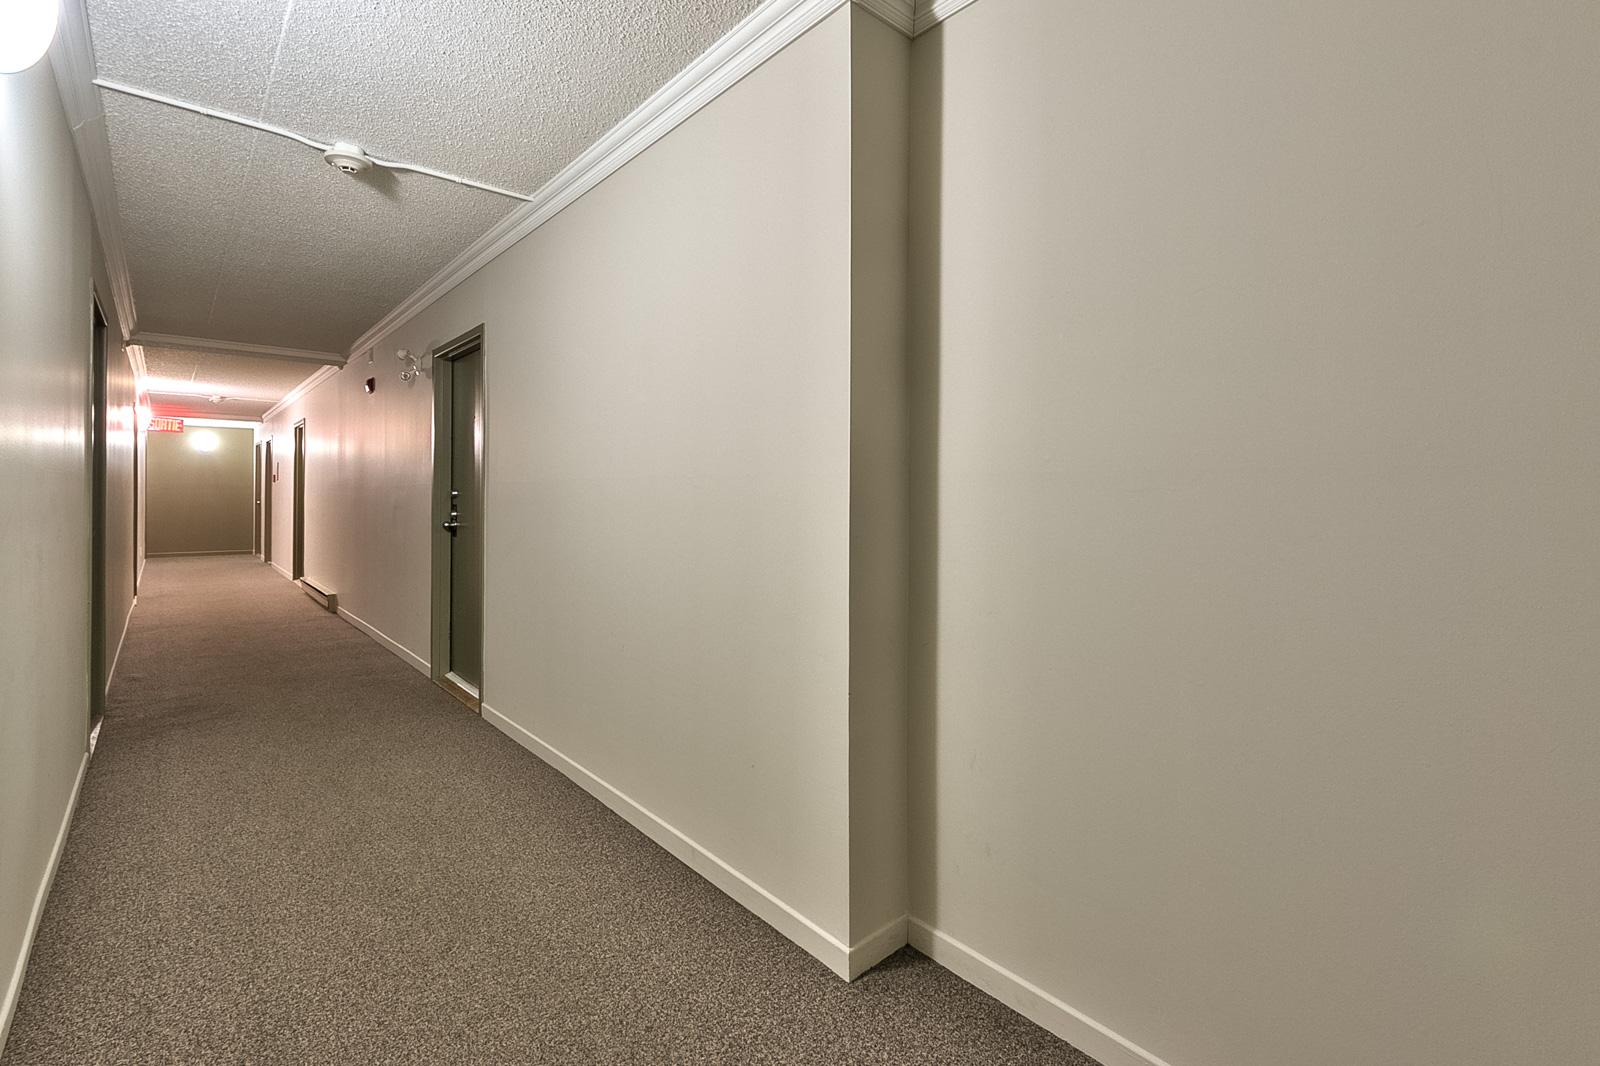 04_corridor_2417Mont